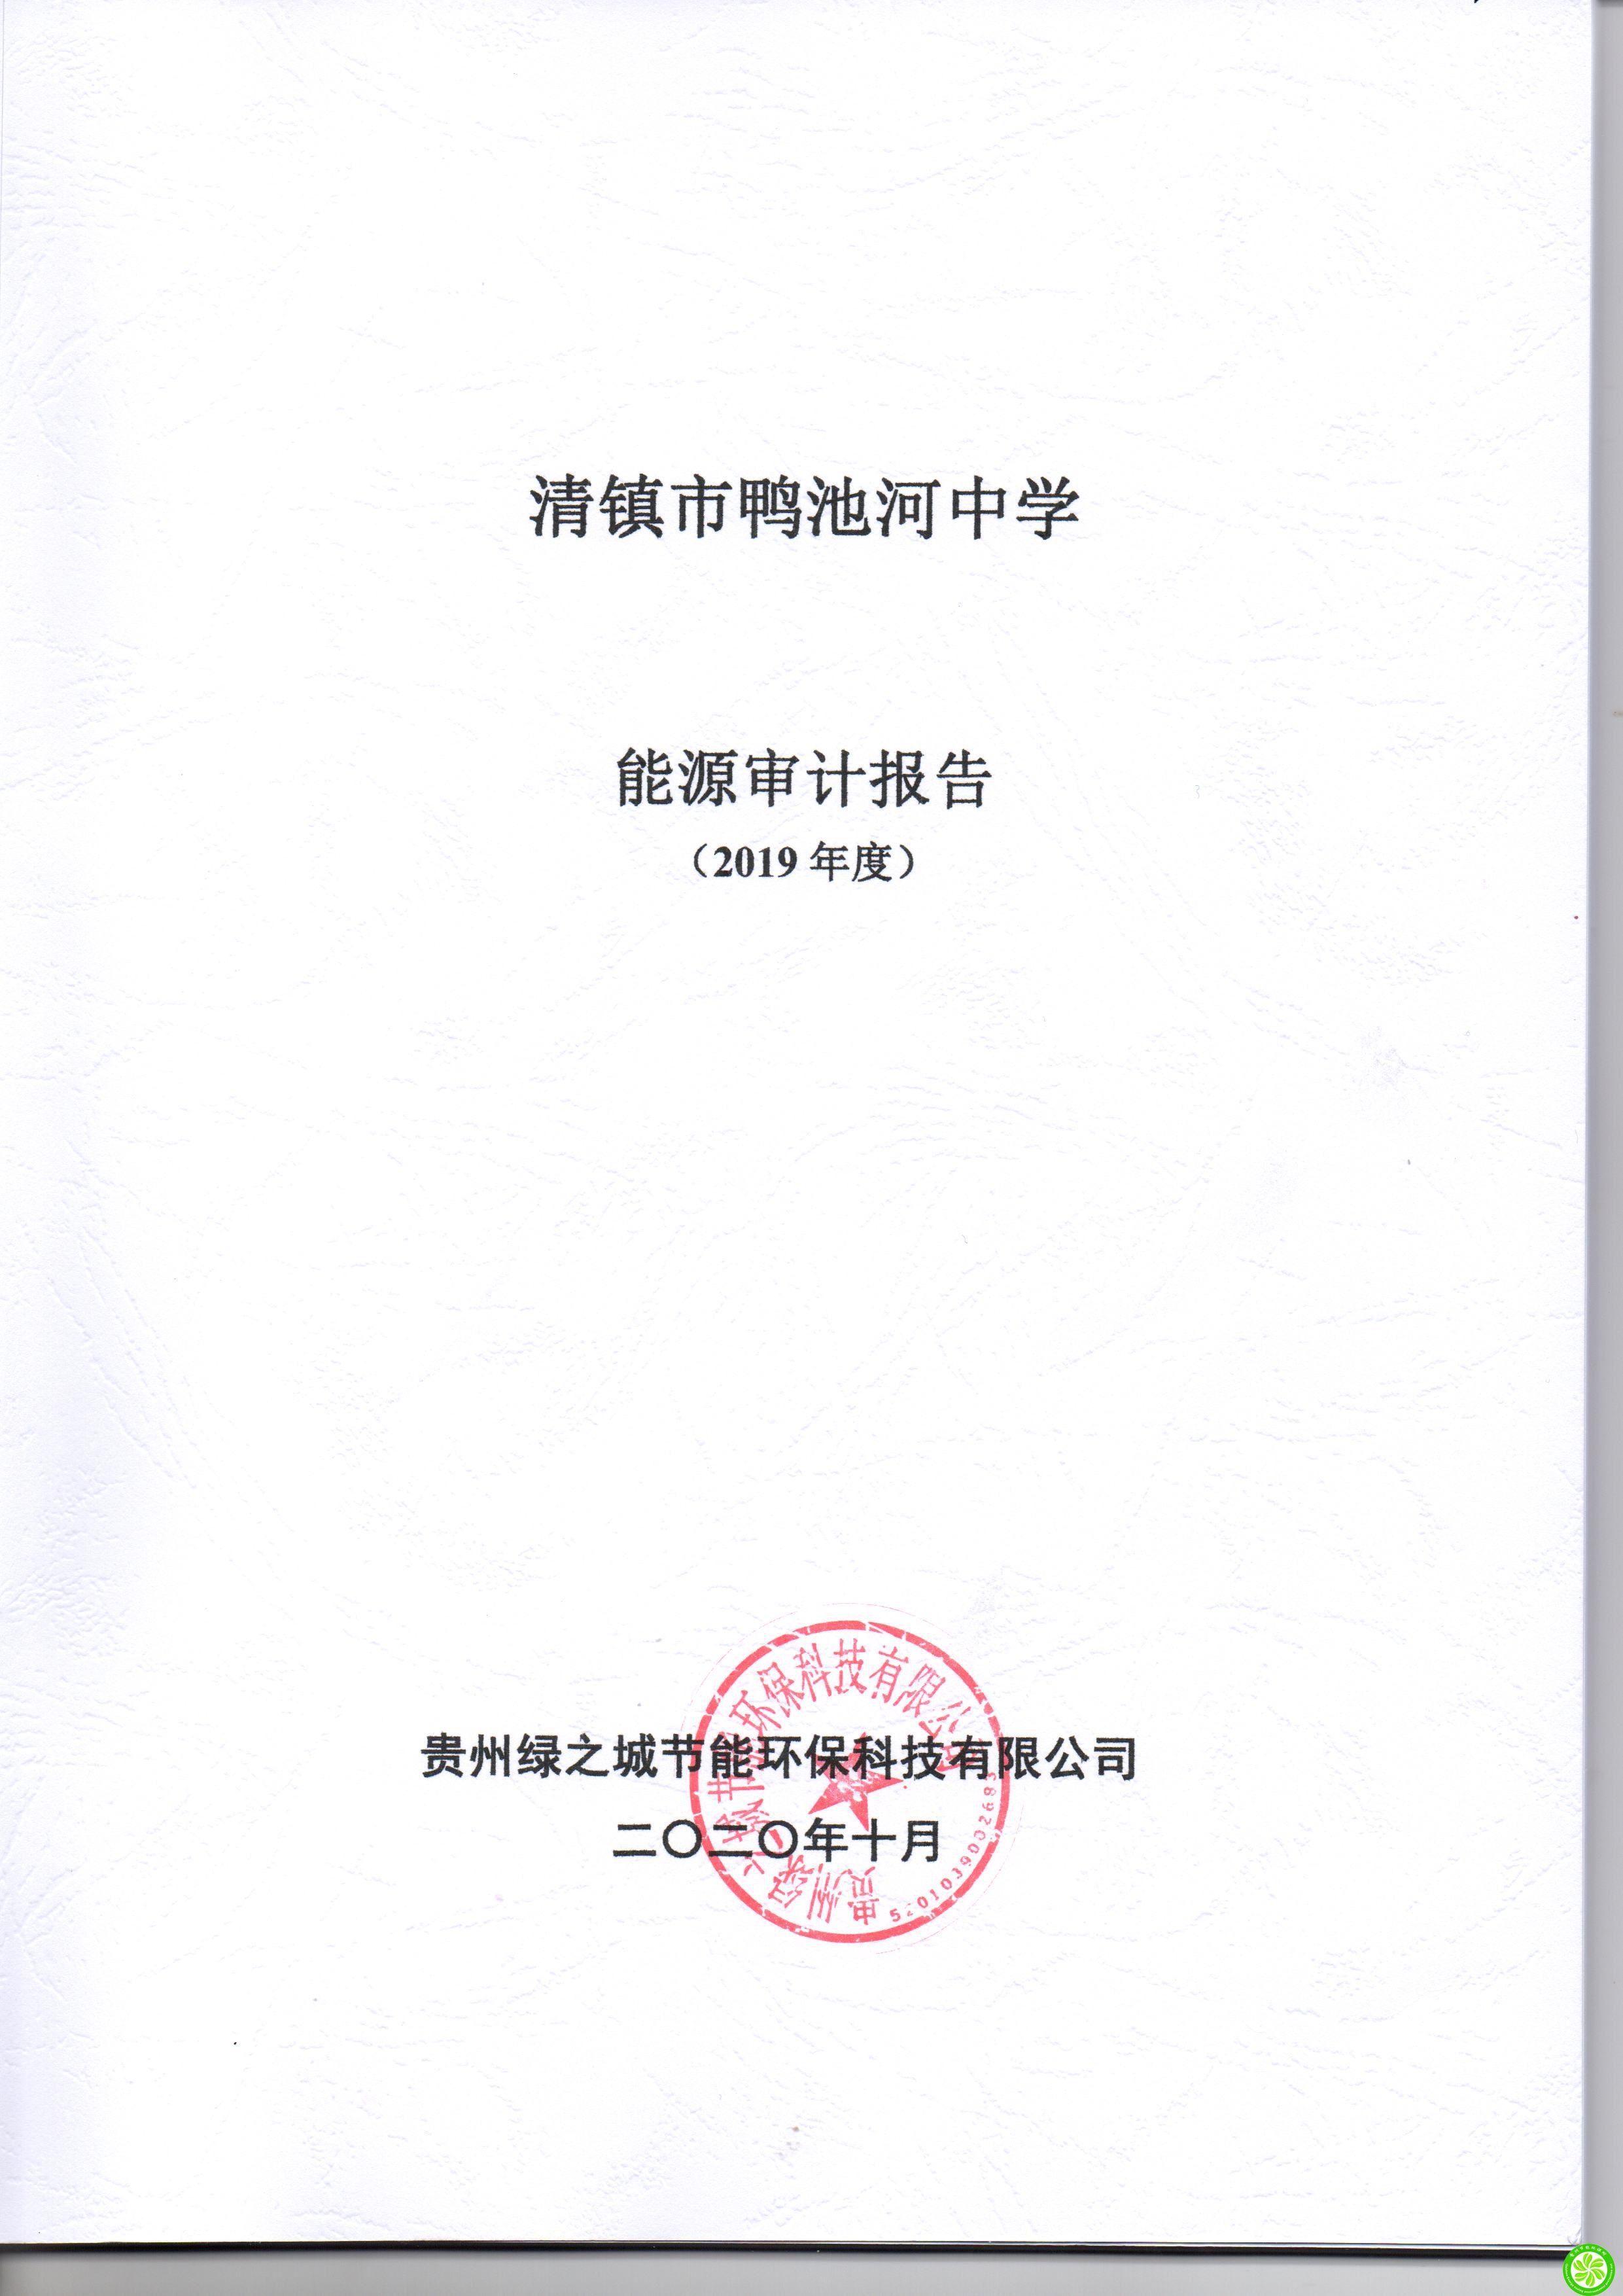 清镇市鸭池河中学2019年度能审计报告